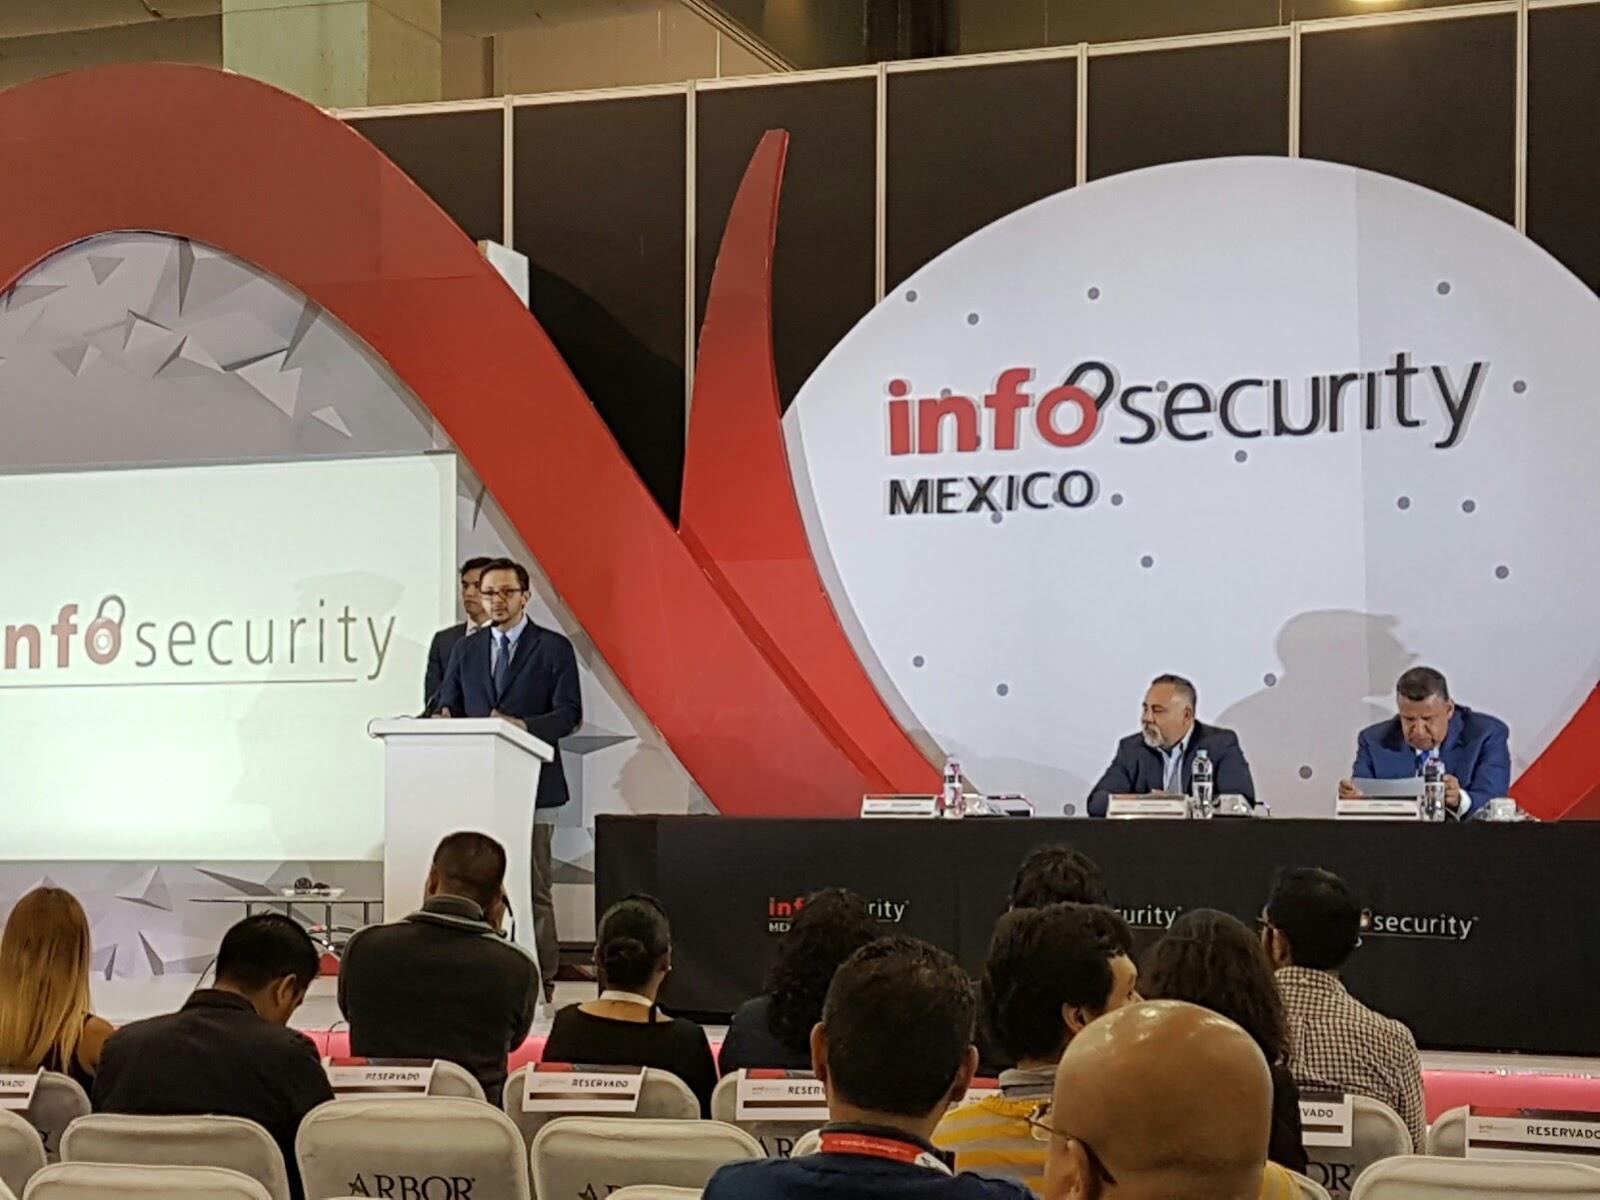 Infosecurity mexico el evento m s relevante en seguridad de la informaci n para m xico y am rica latina llev a cabo su inauguraci n con la presencia de